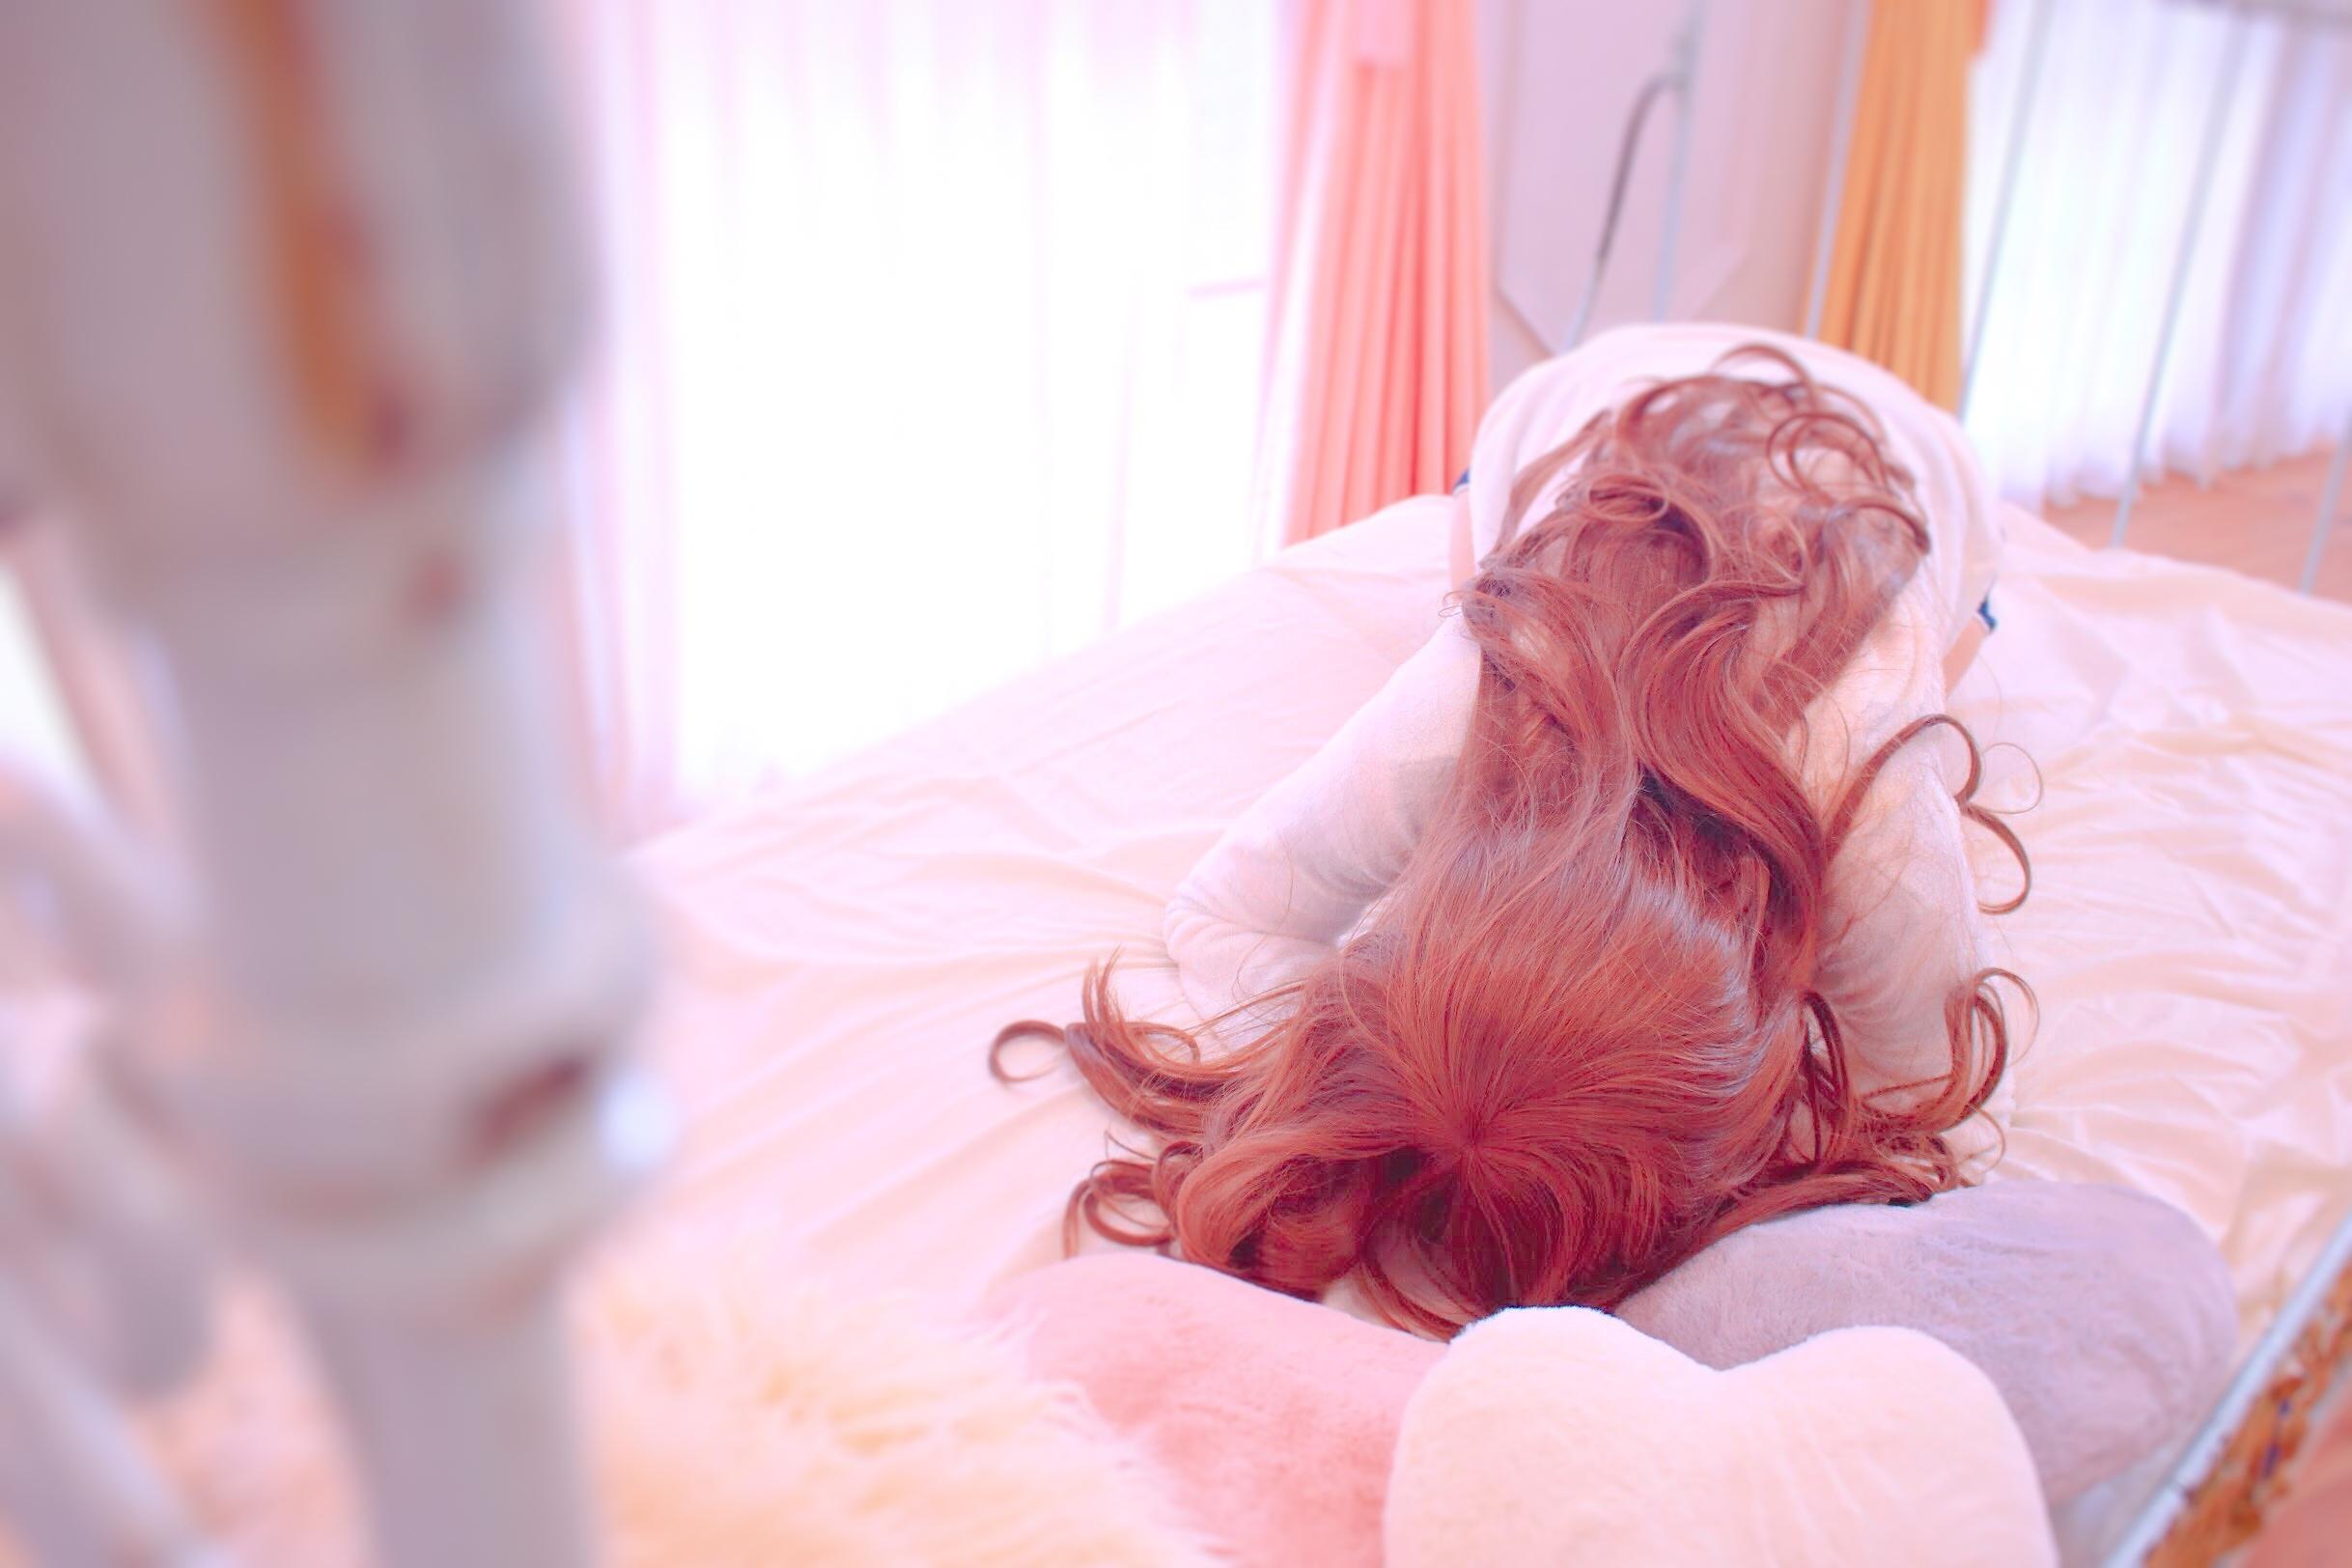 朝、爆発ヘアと一緒に起きる…。寝る時、髪の毛もダメージを受けるの?